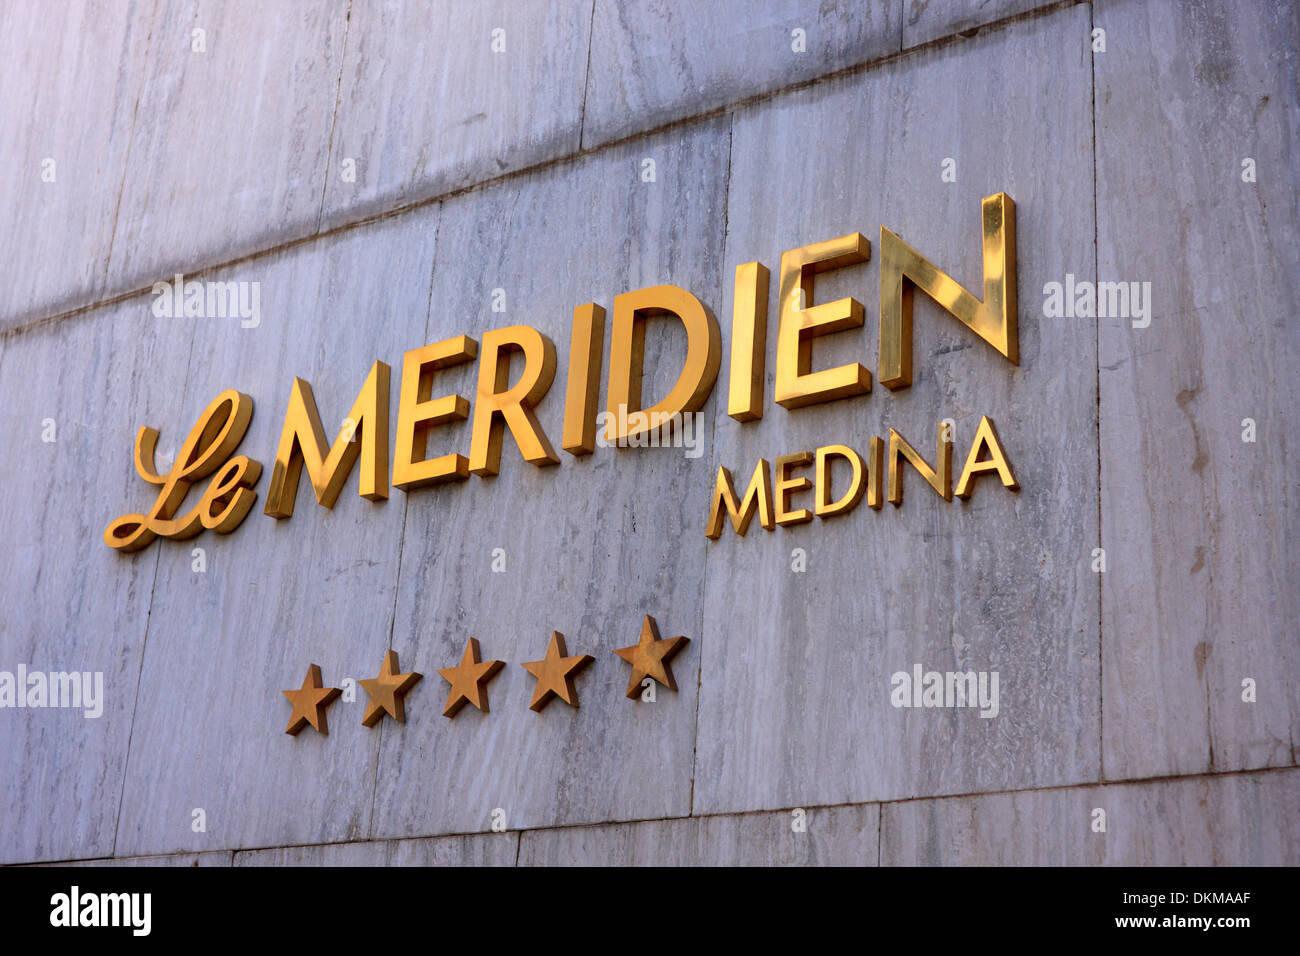 Sign of the Hotel Meridien in Medina, Kingdom of Saudi Arabia - Stock Image